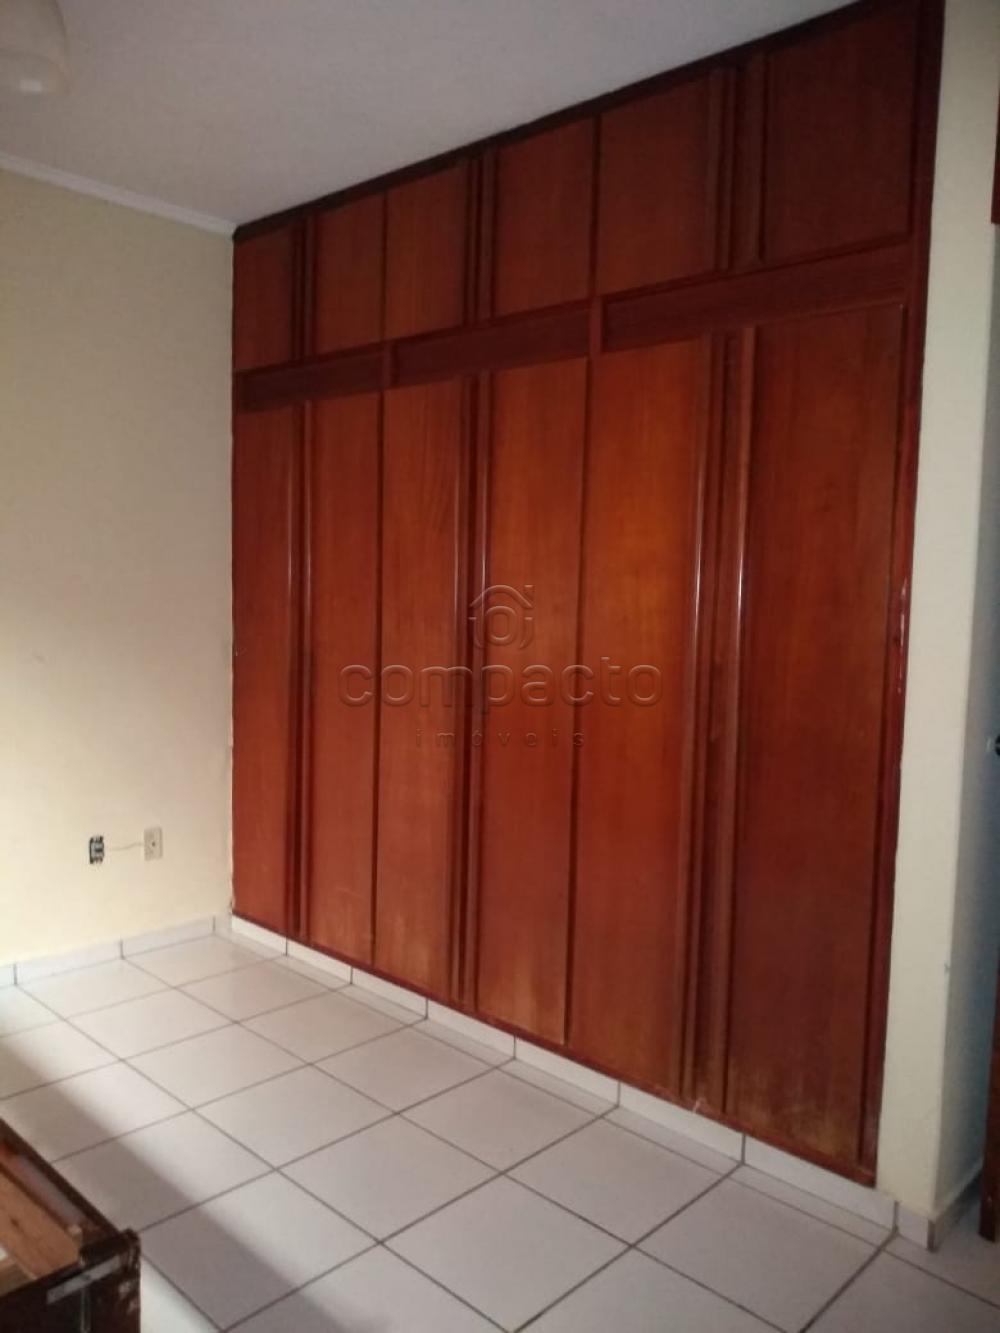 Alugar Casa / Padrão em São José do Rio Preto apenas R$ 1.600,00 - Foto 17